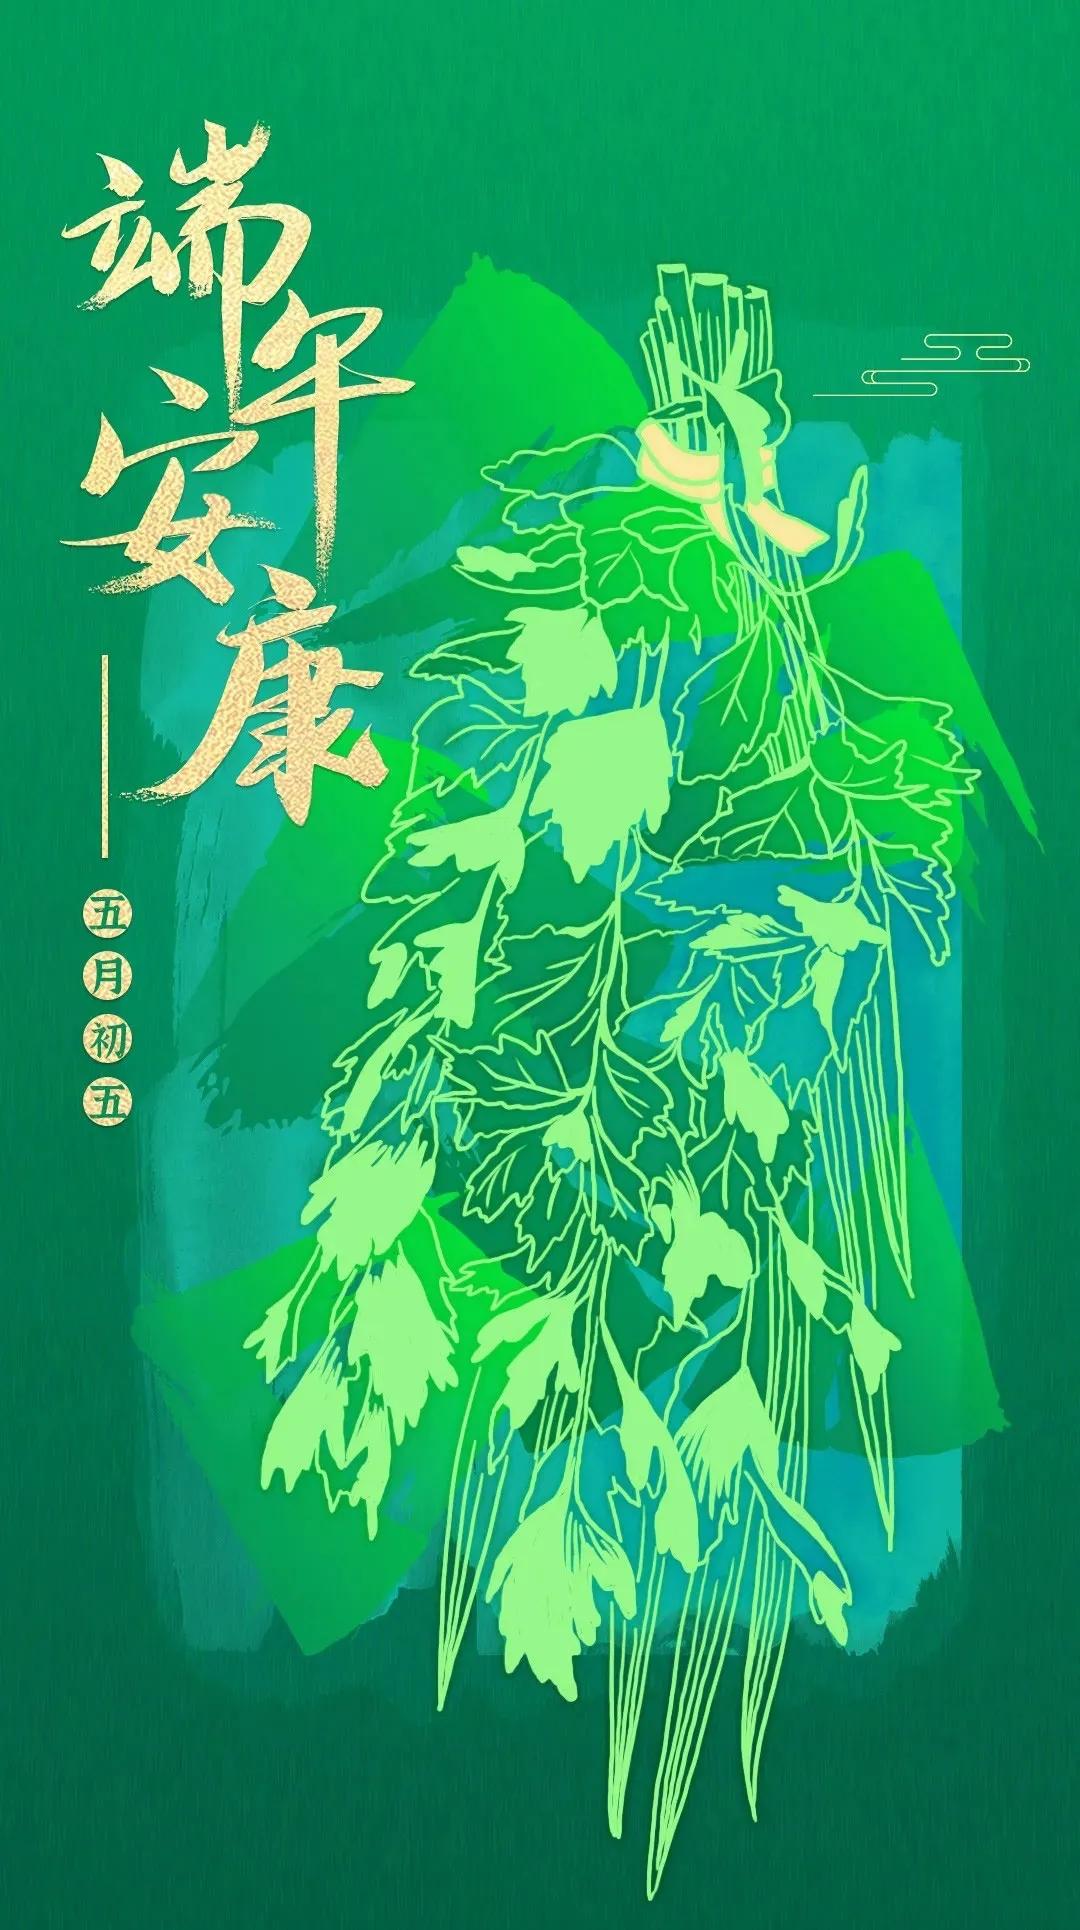 北京祥龙水族馆祝大家端午安康 北京水族馆信息 北京龙鱼第4张